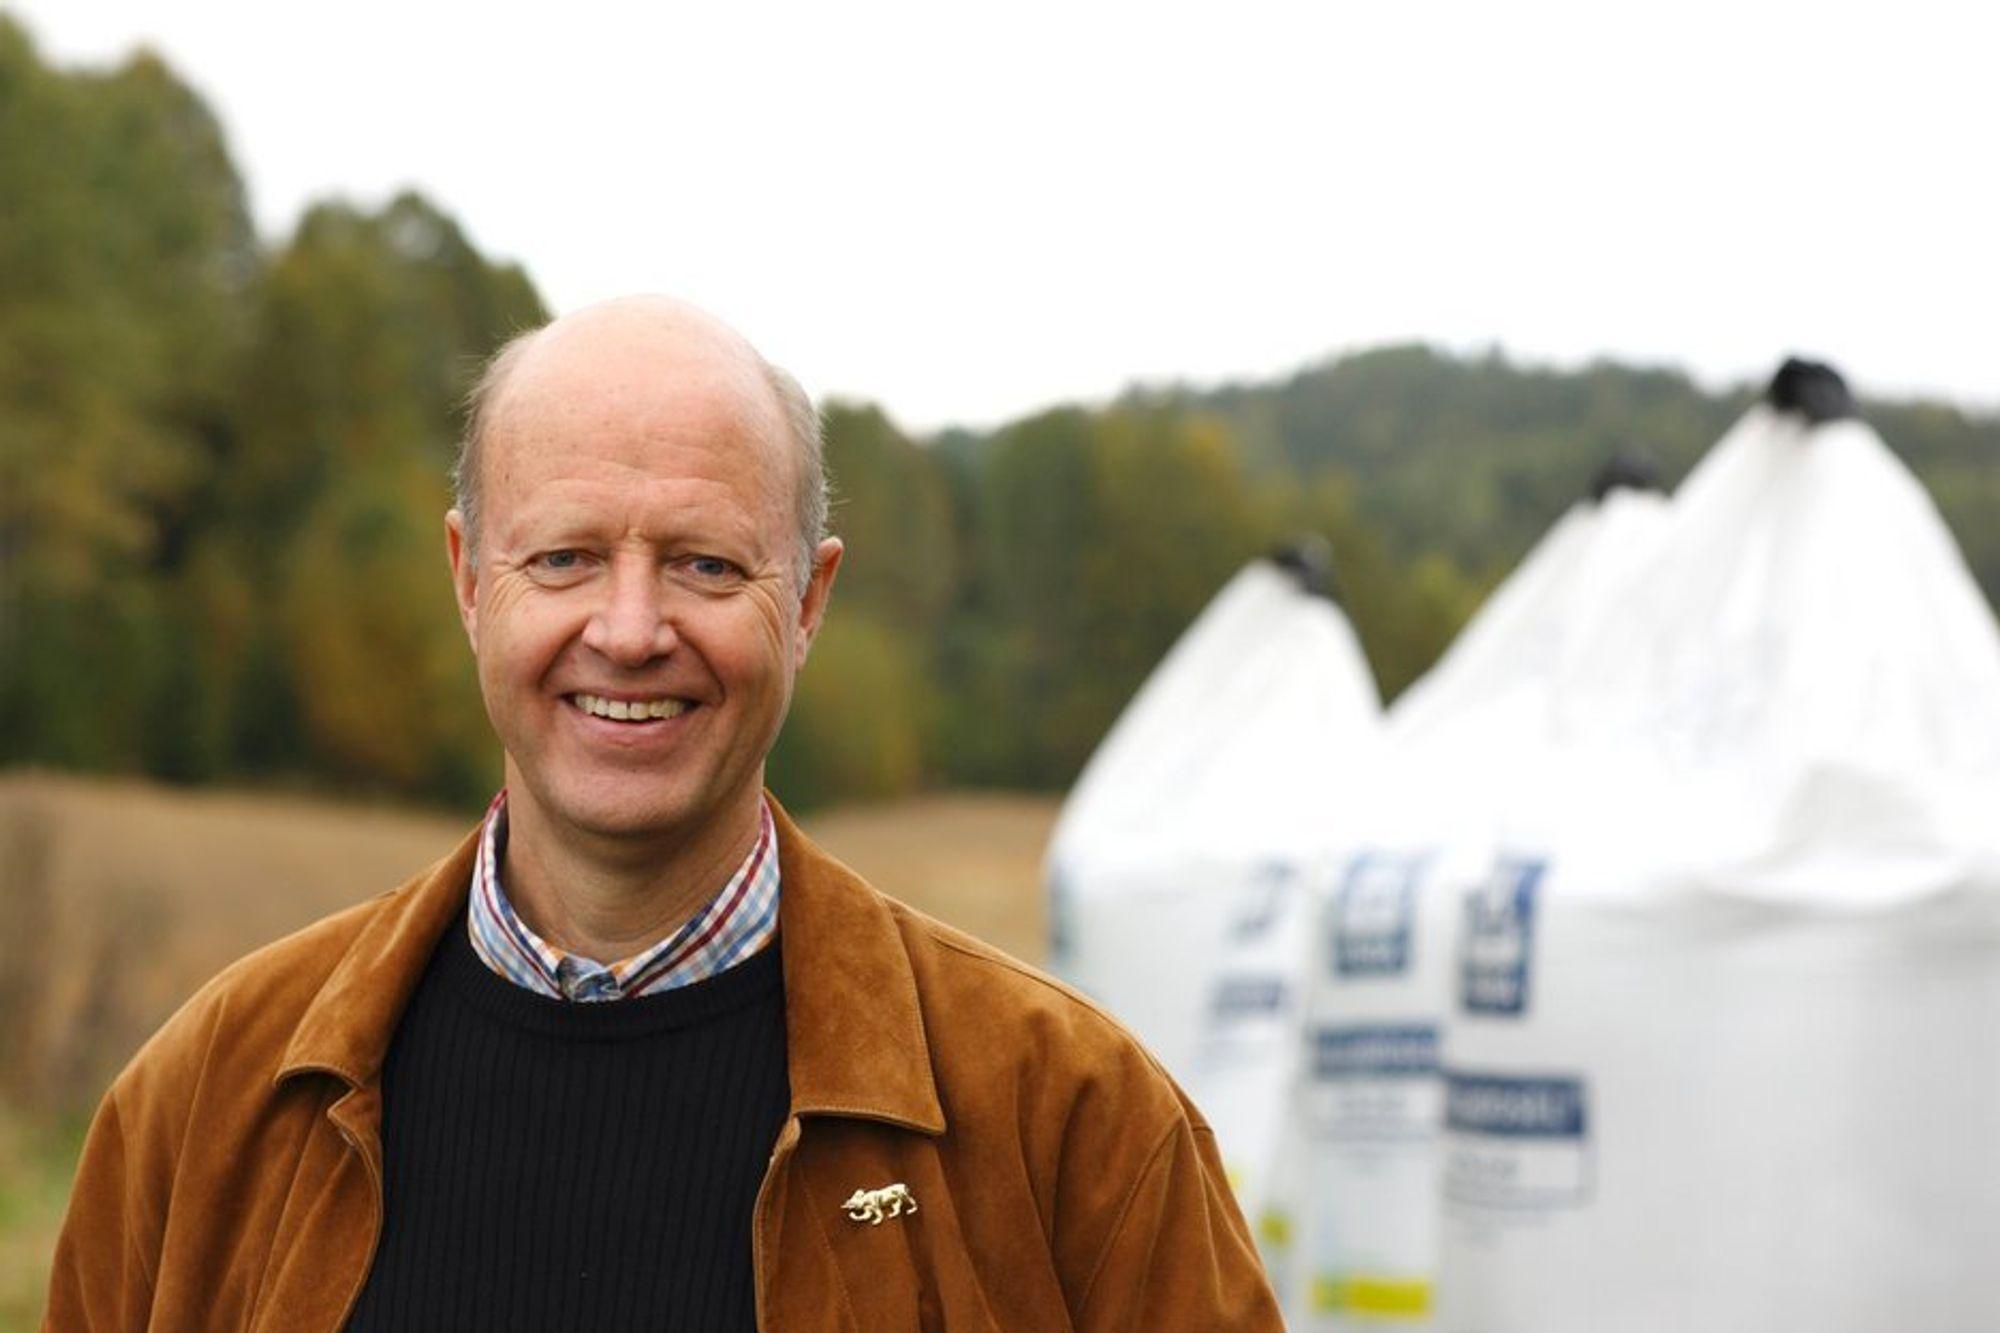 Konsernsjef Jørgen Ole Haslestad i Yara konstaterer at betingelsene for å produsere urea og ammoniakk igjen er på plass.